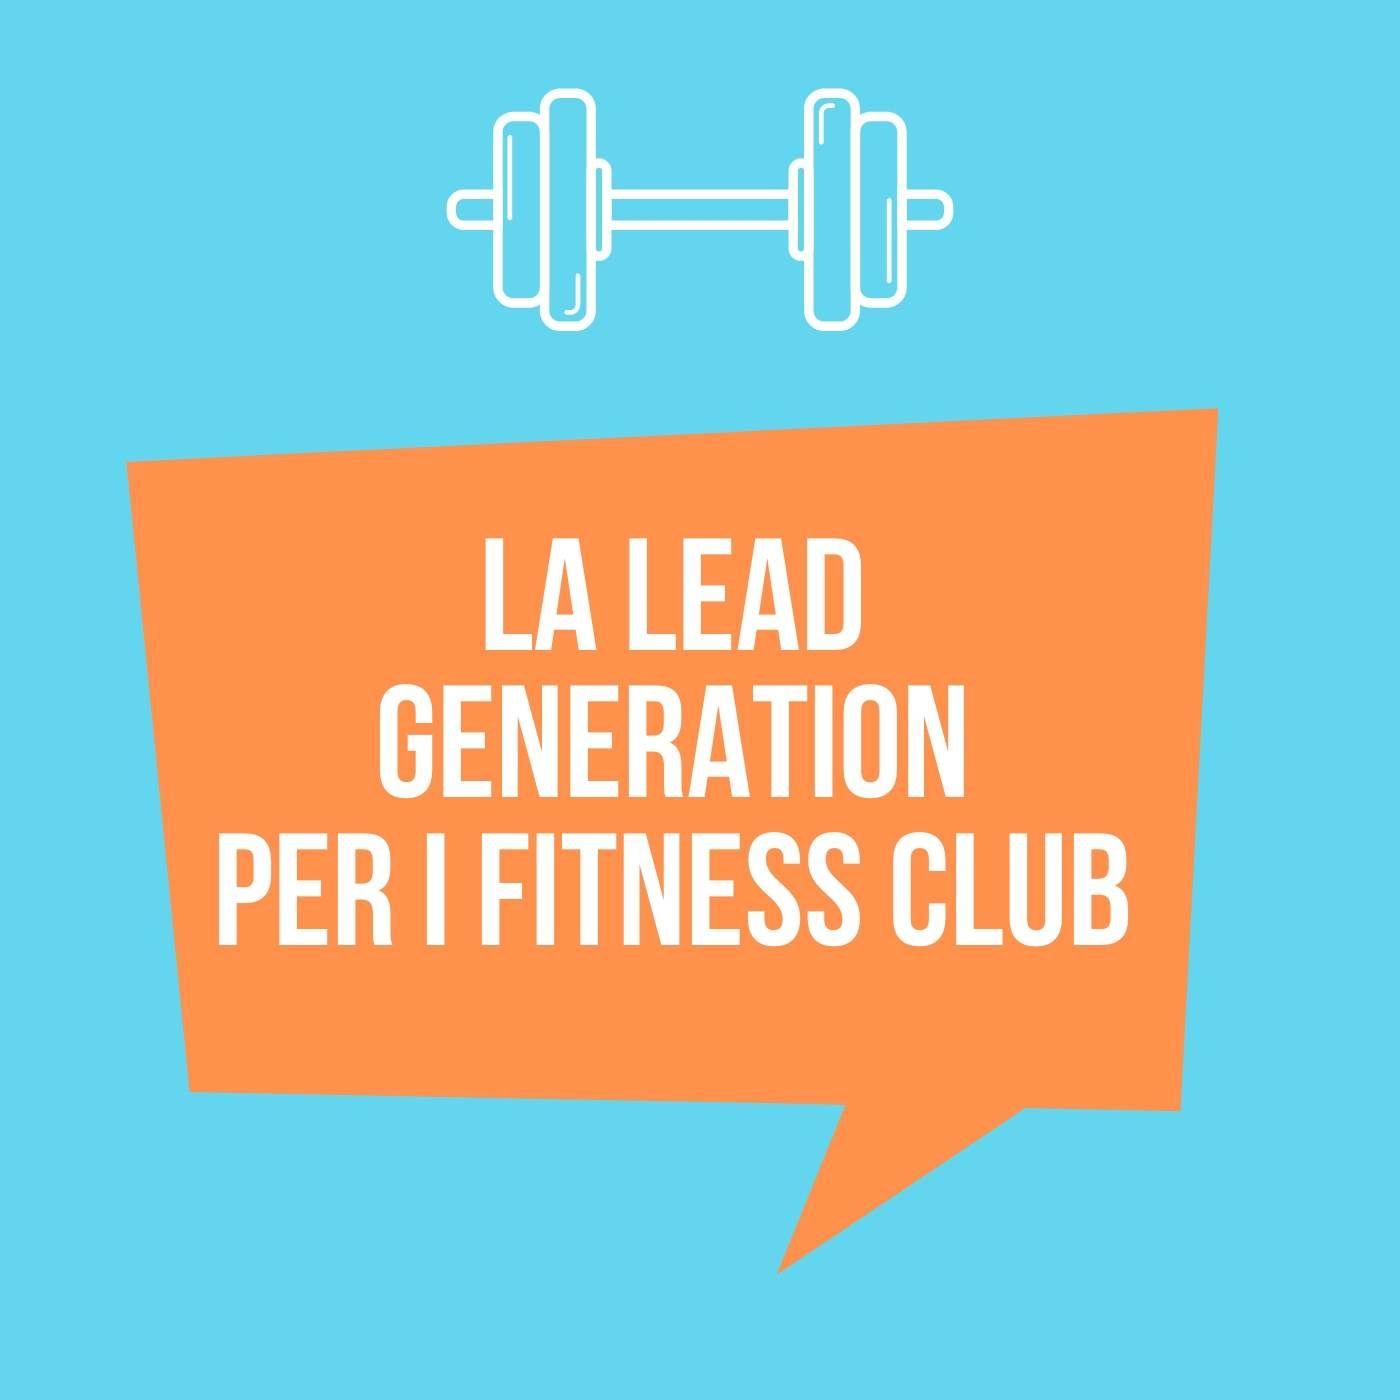 La Lead Generation per Fitness Club